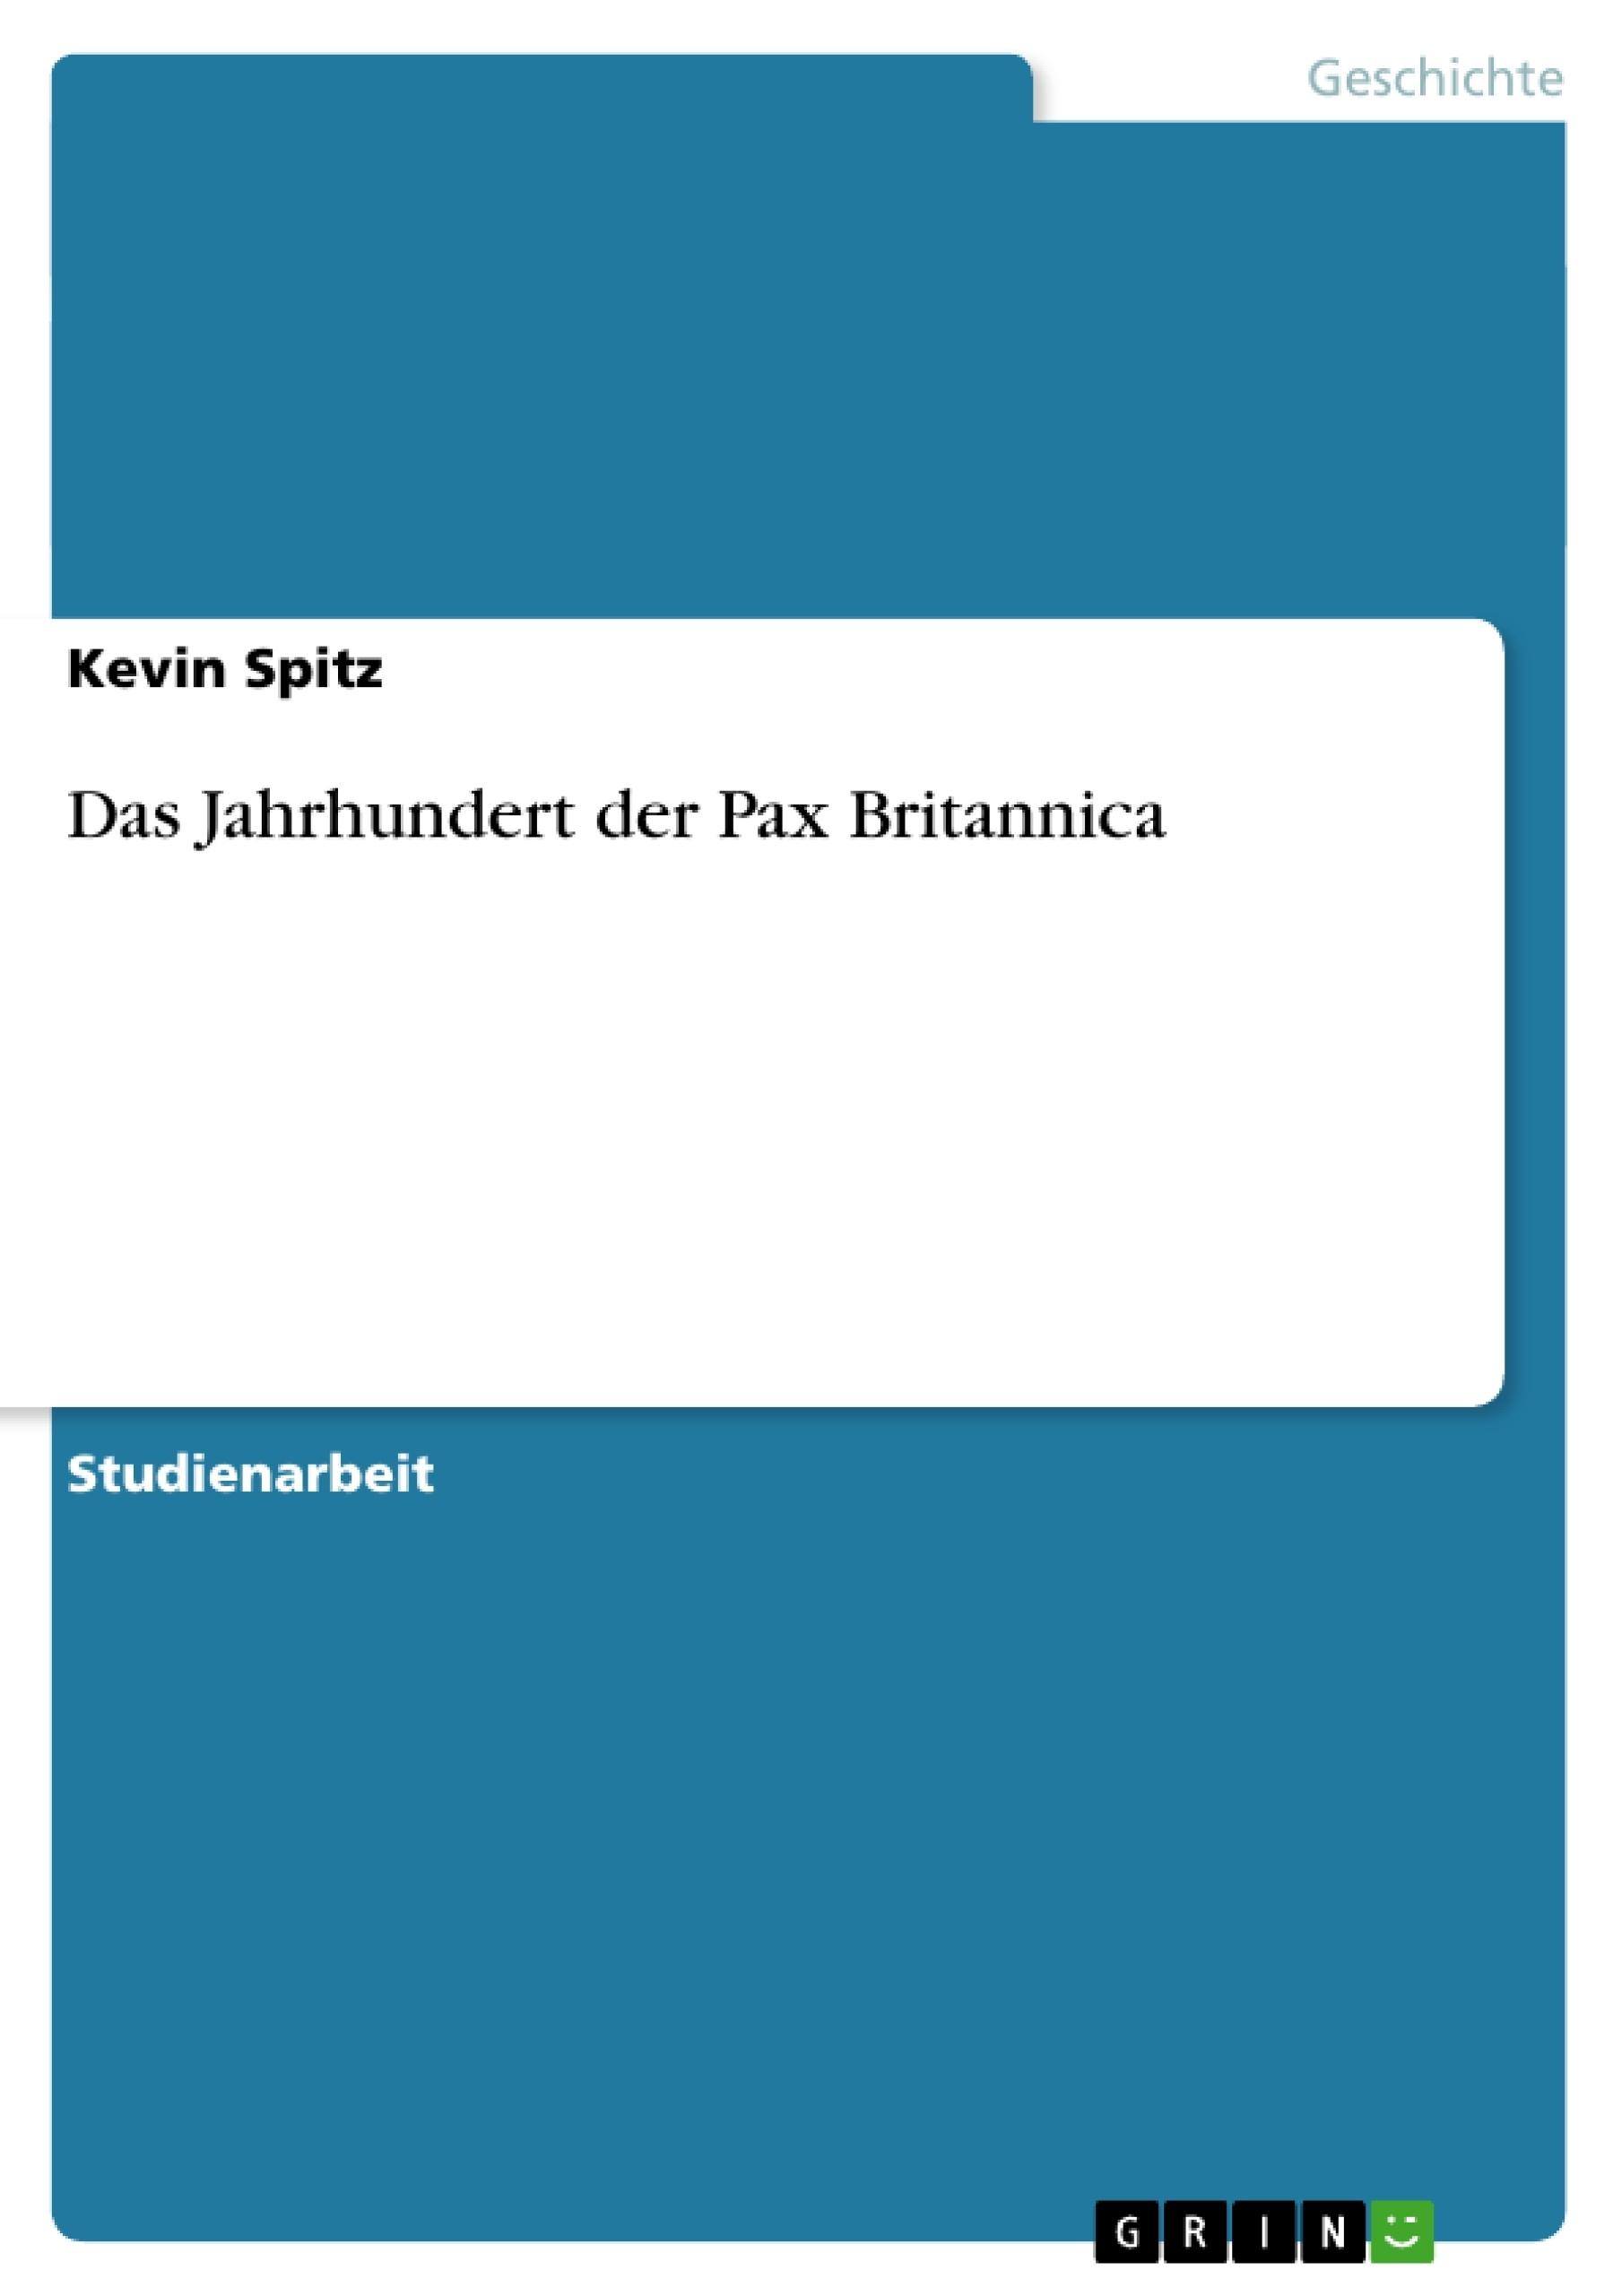 Titel: Das Jahrhundert der Pax Britannica